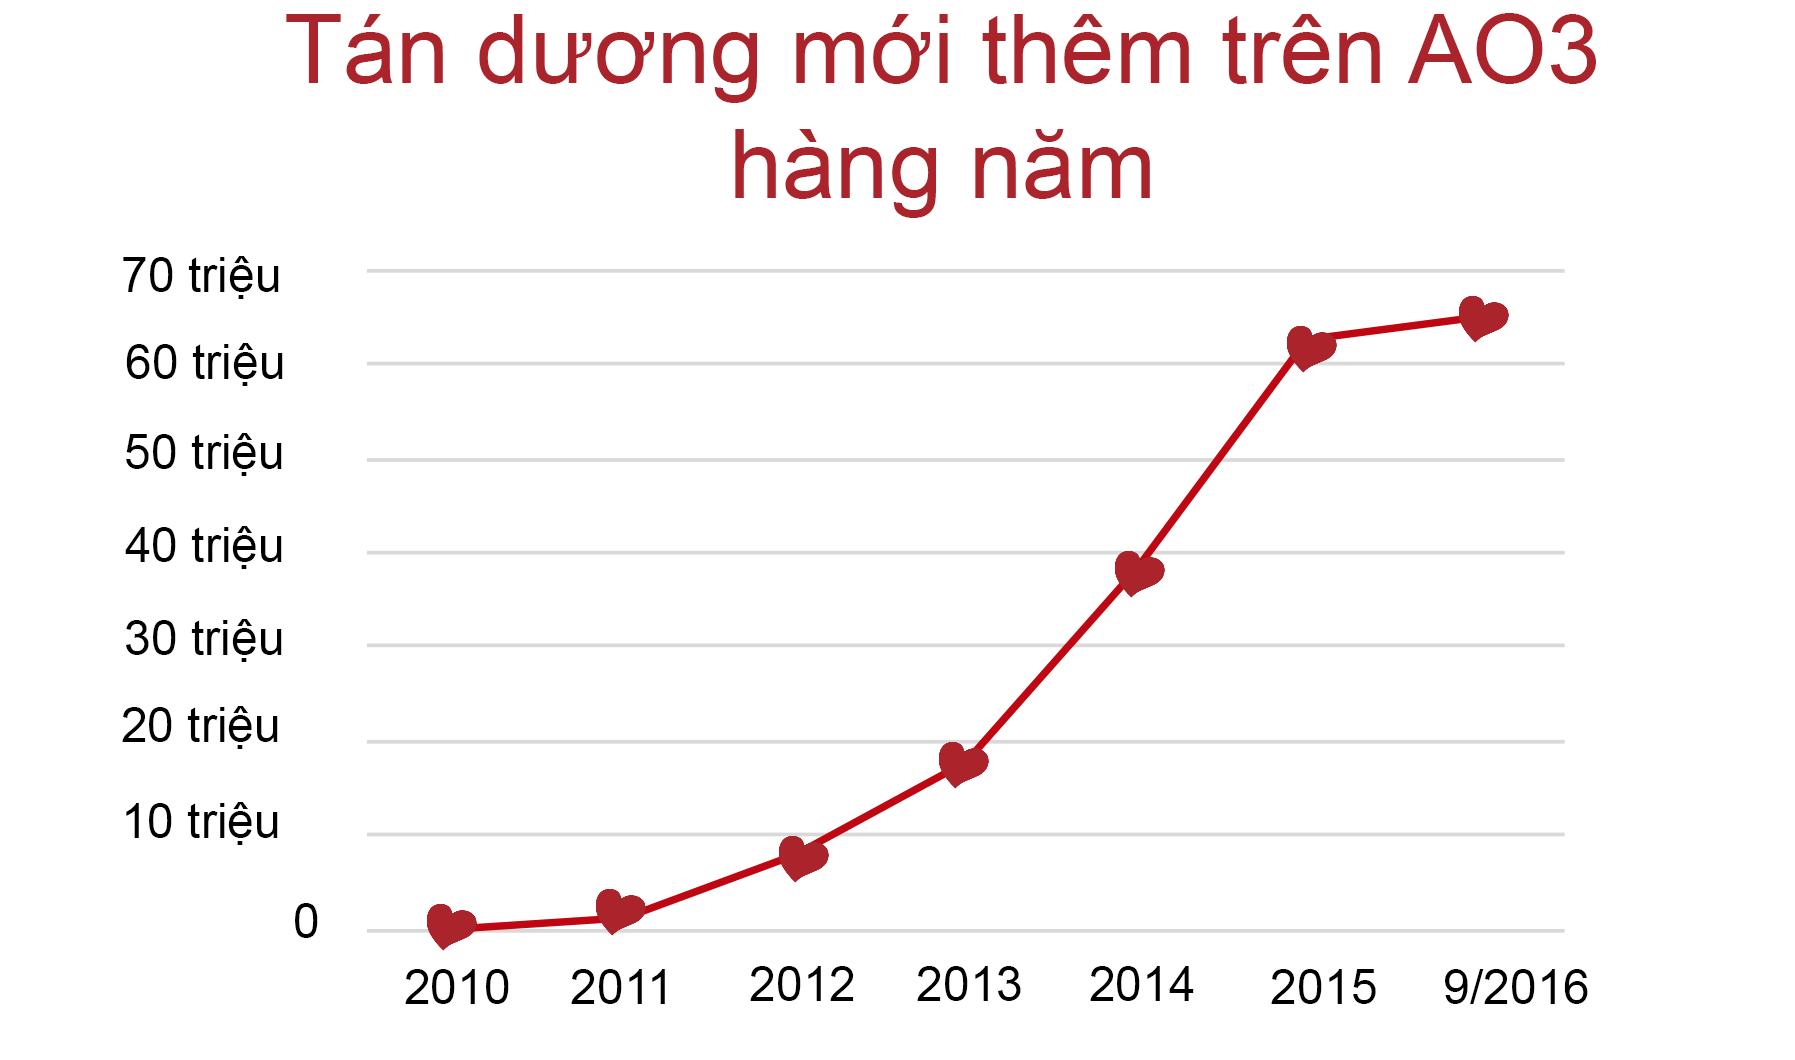 Biểu đồ của sự tăng trưởng tán dương trên AO3, từ 0 vào năm 2010 đến 60 triệu vào tháng 9 năm 2016.